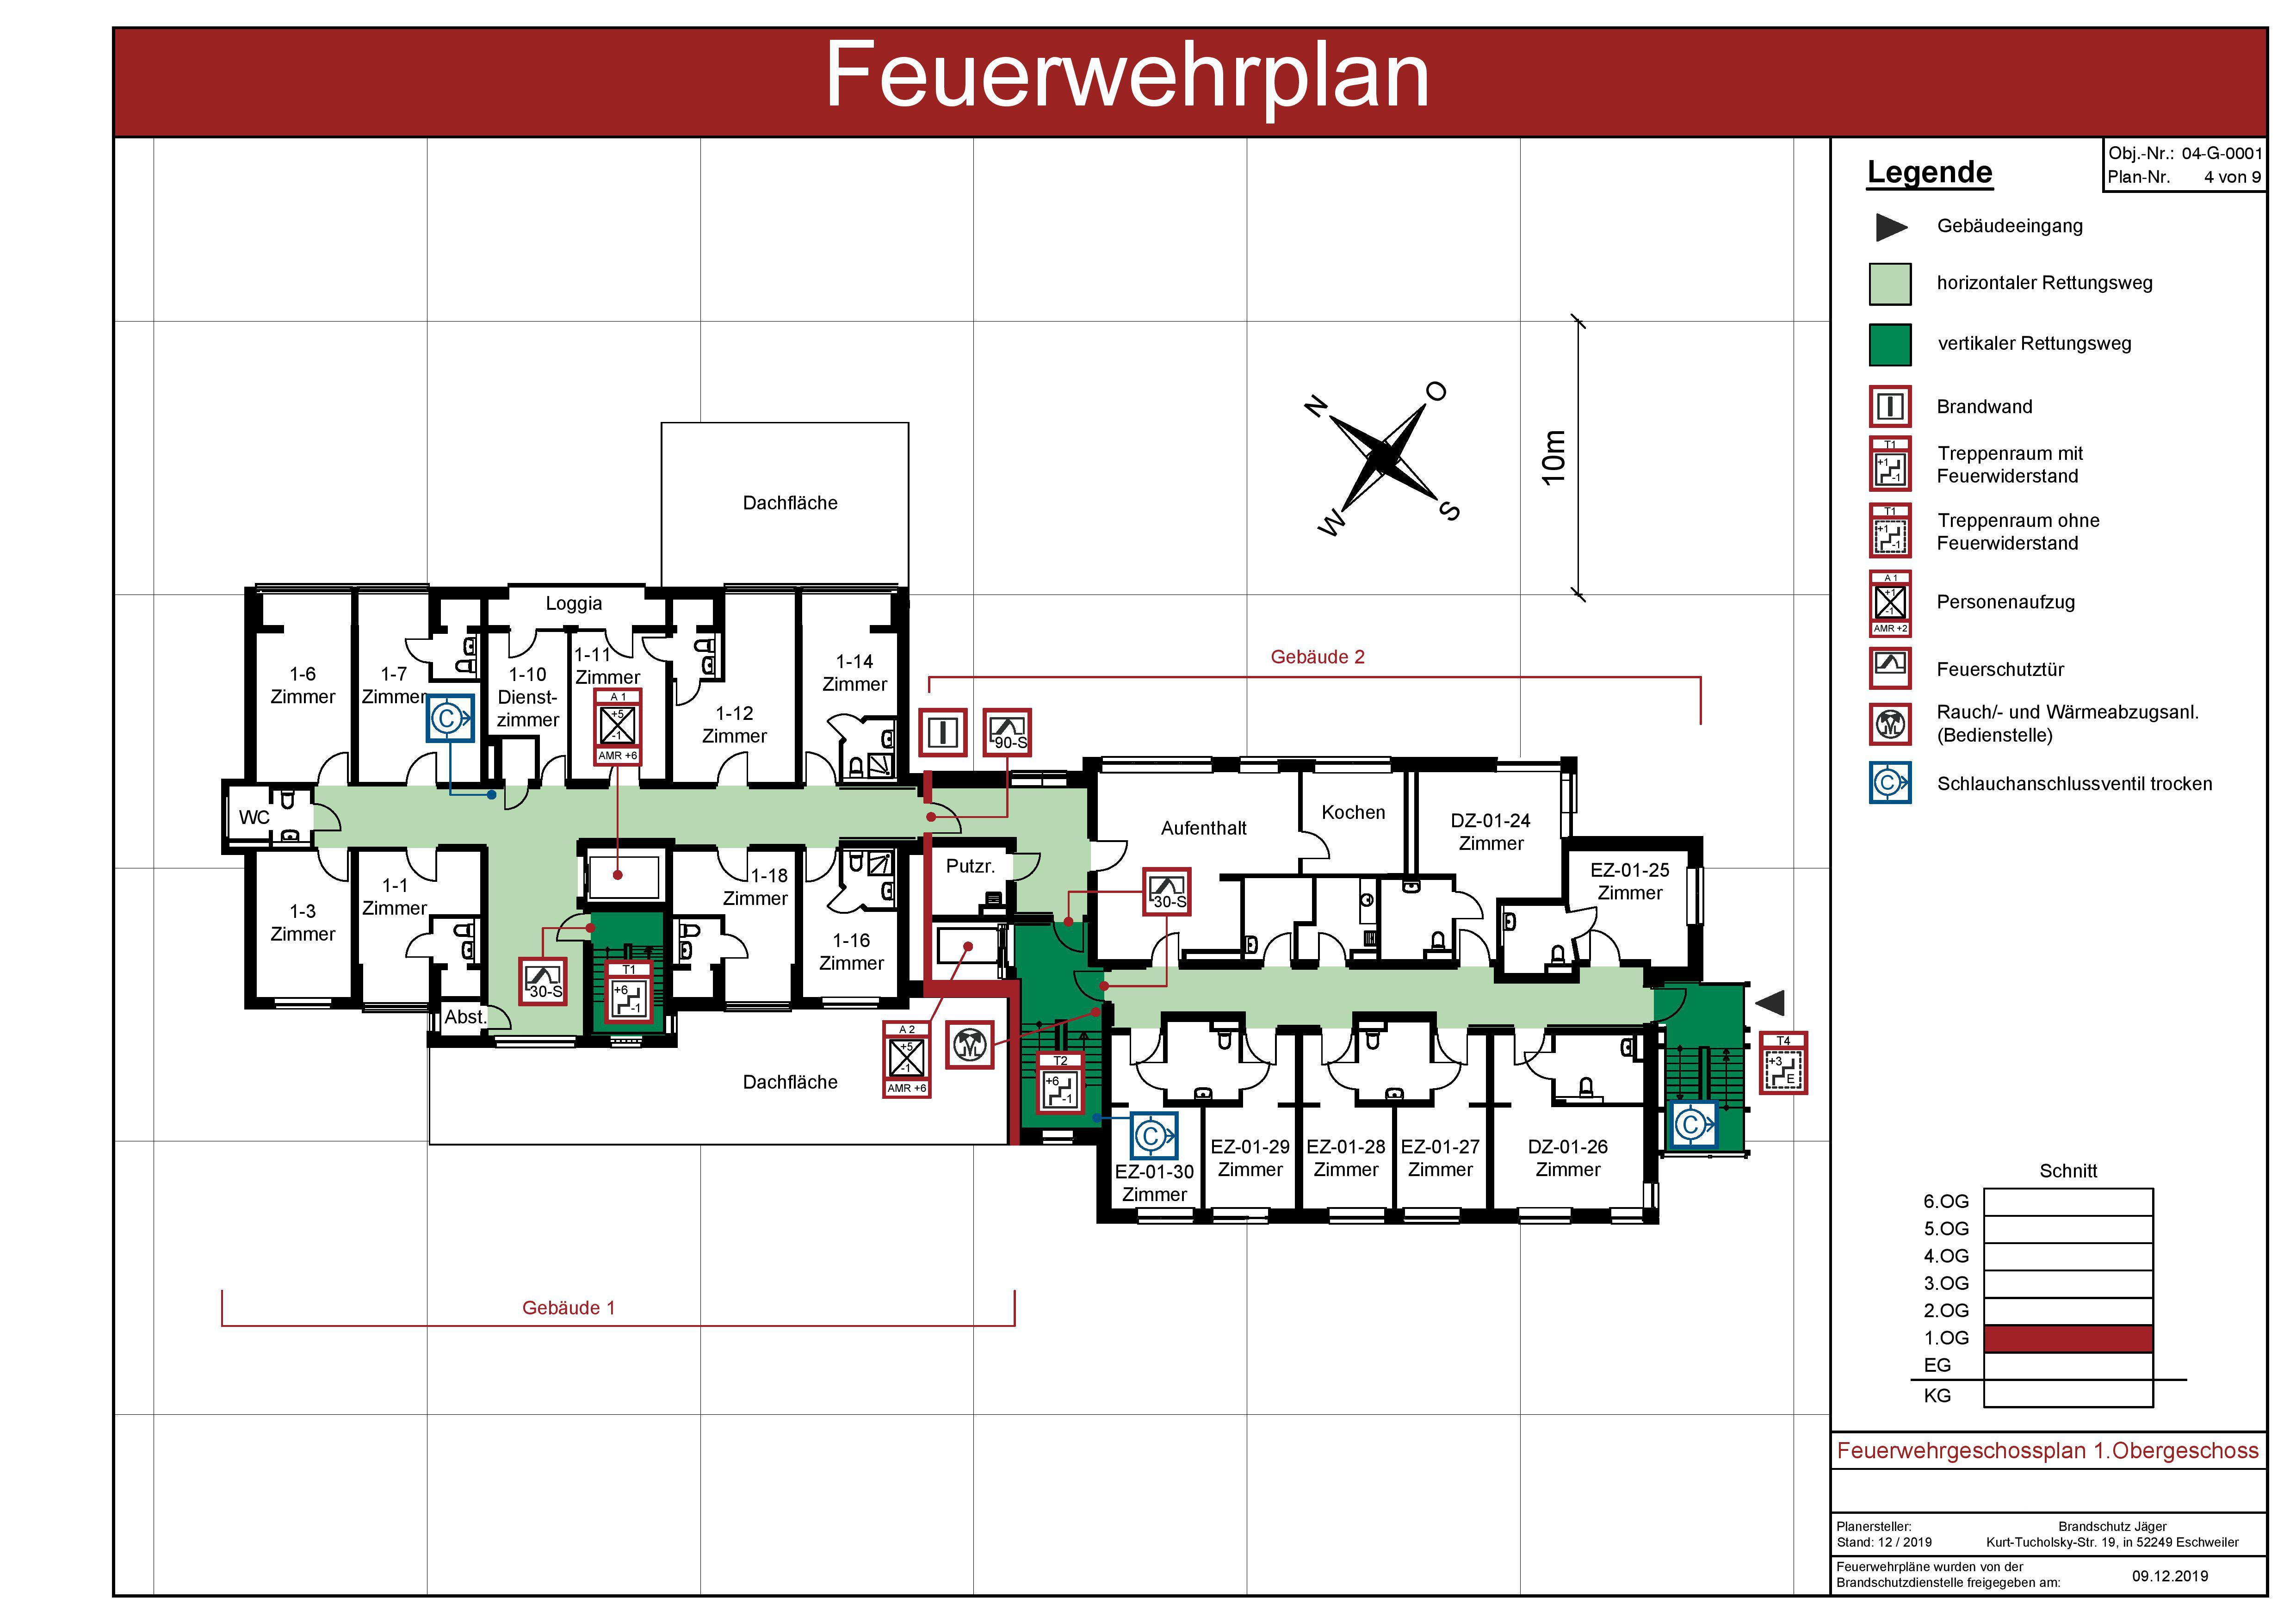 Feuerwehrplane Nach Din 14095 In Nrw Und Rlp 0